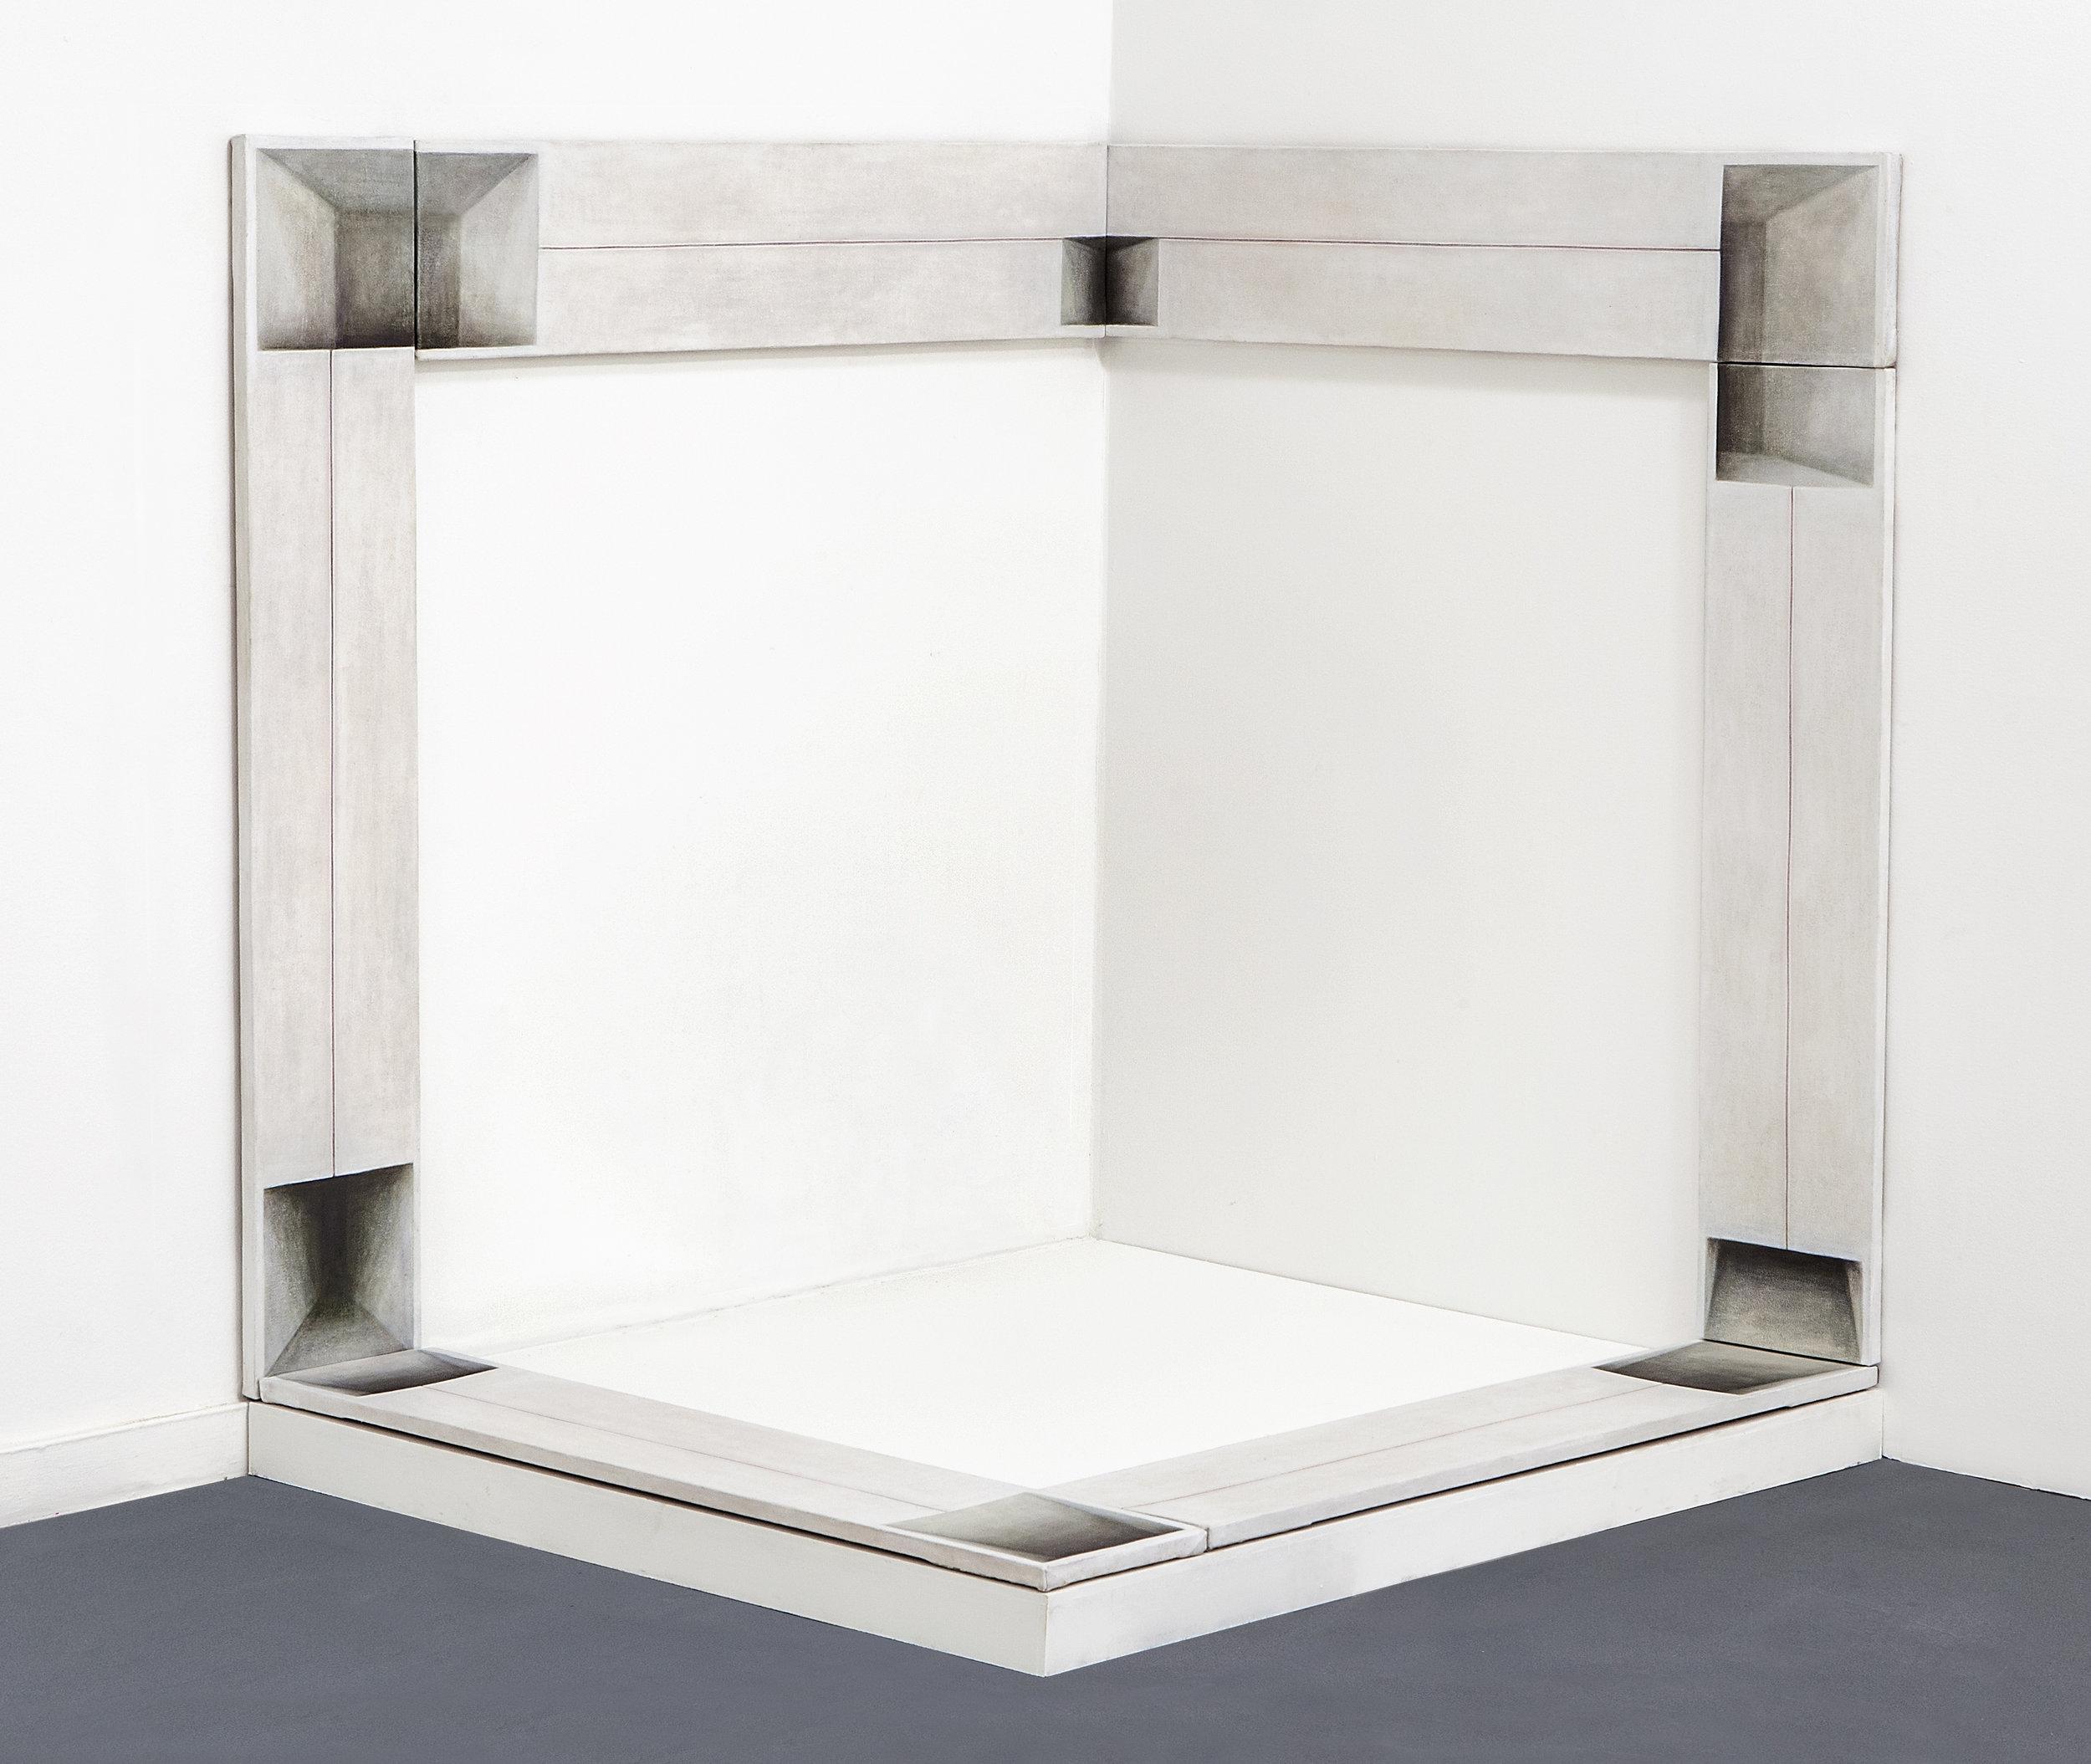 Adriana Maciel, Terrítório 01, 2006, políptico seis partes, 180 x 178 x 153 cm